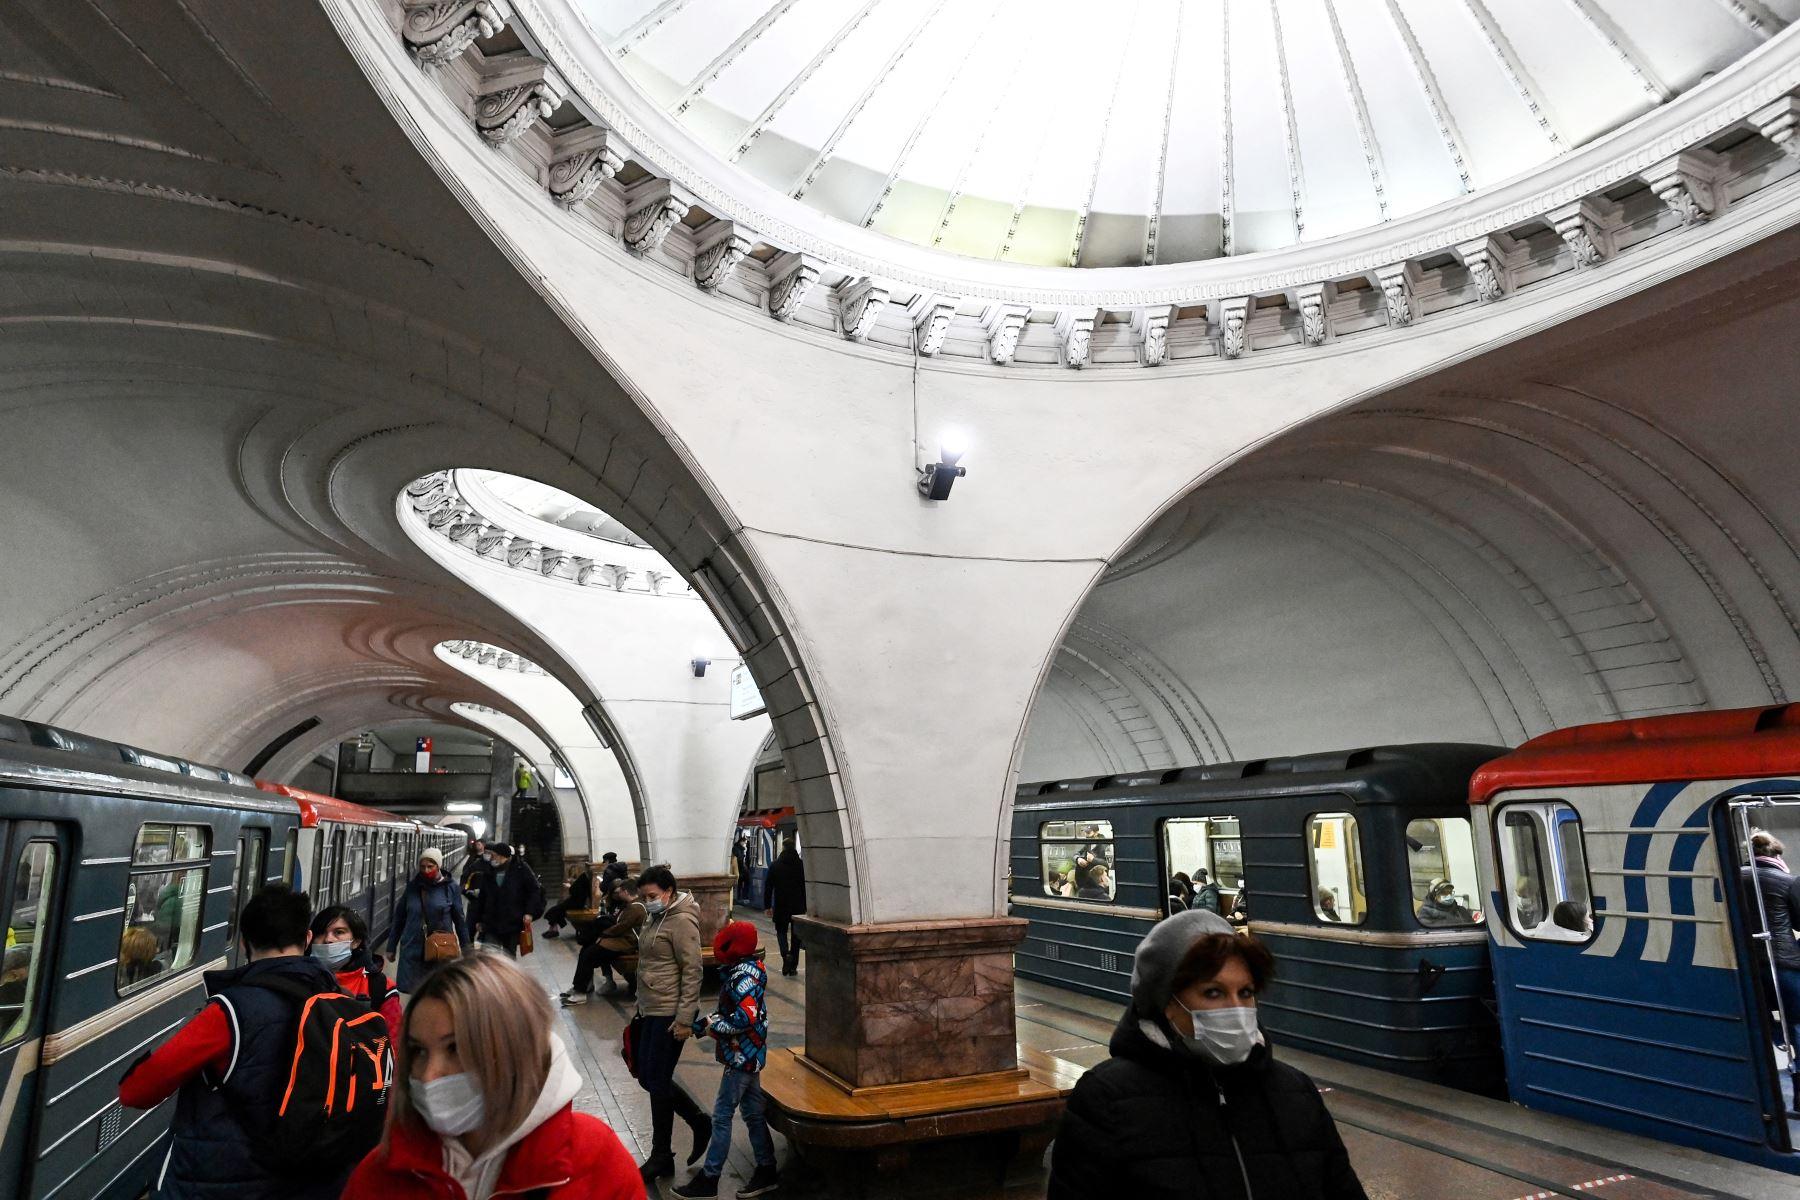 Personas que usan máscaras caminan en la estación de metro Sokol en Moscú el 25 de marzo de 2021, en medio de la pandemia de coronavirus. Foto: AFP